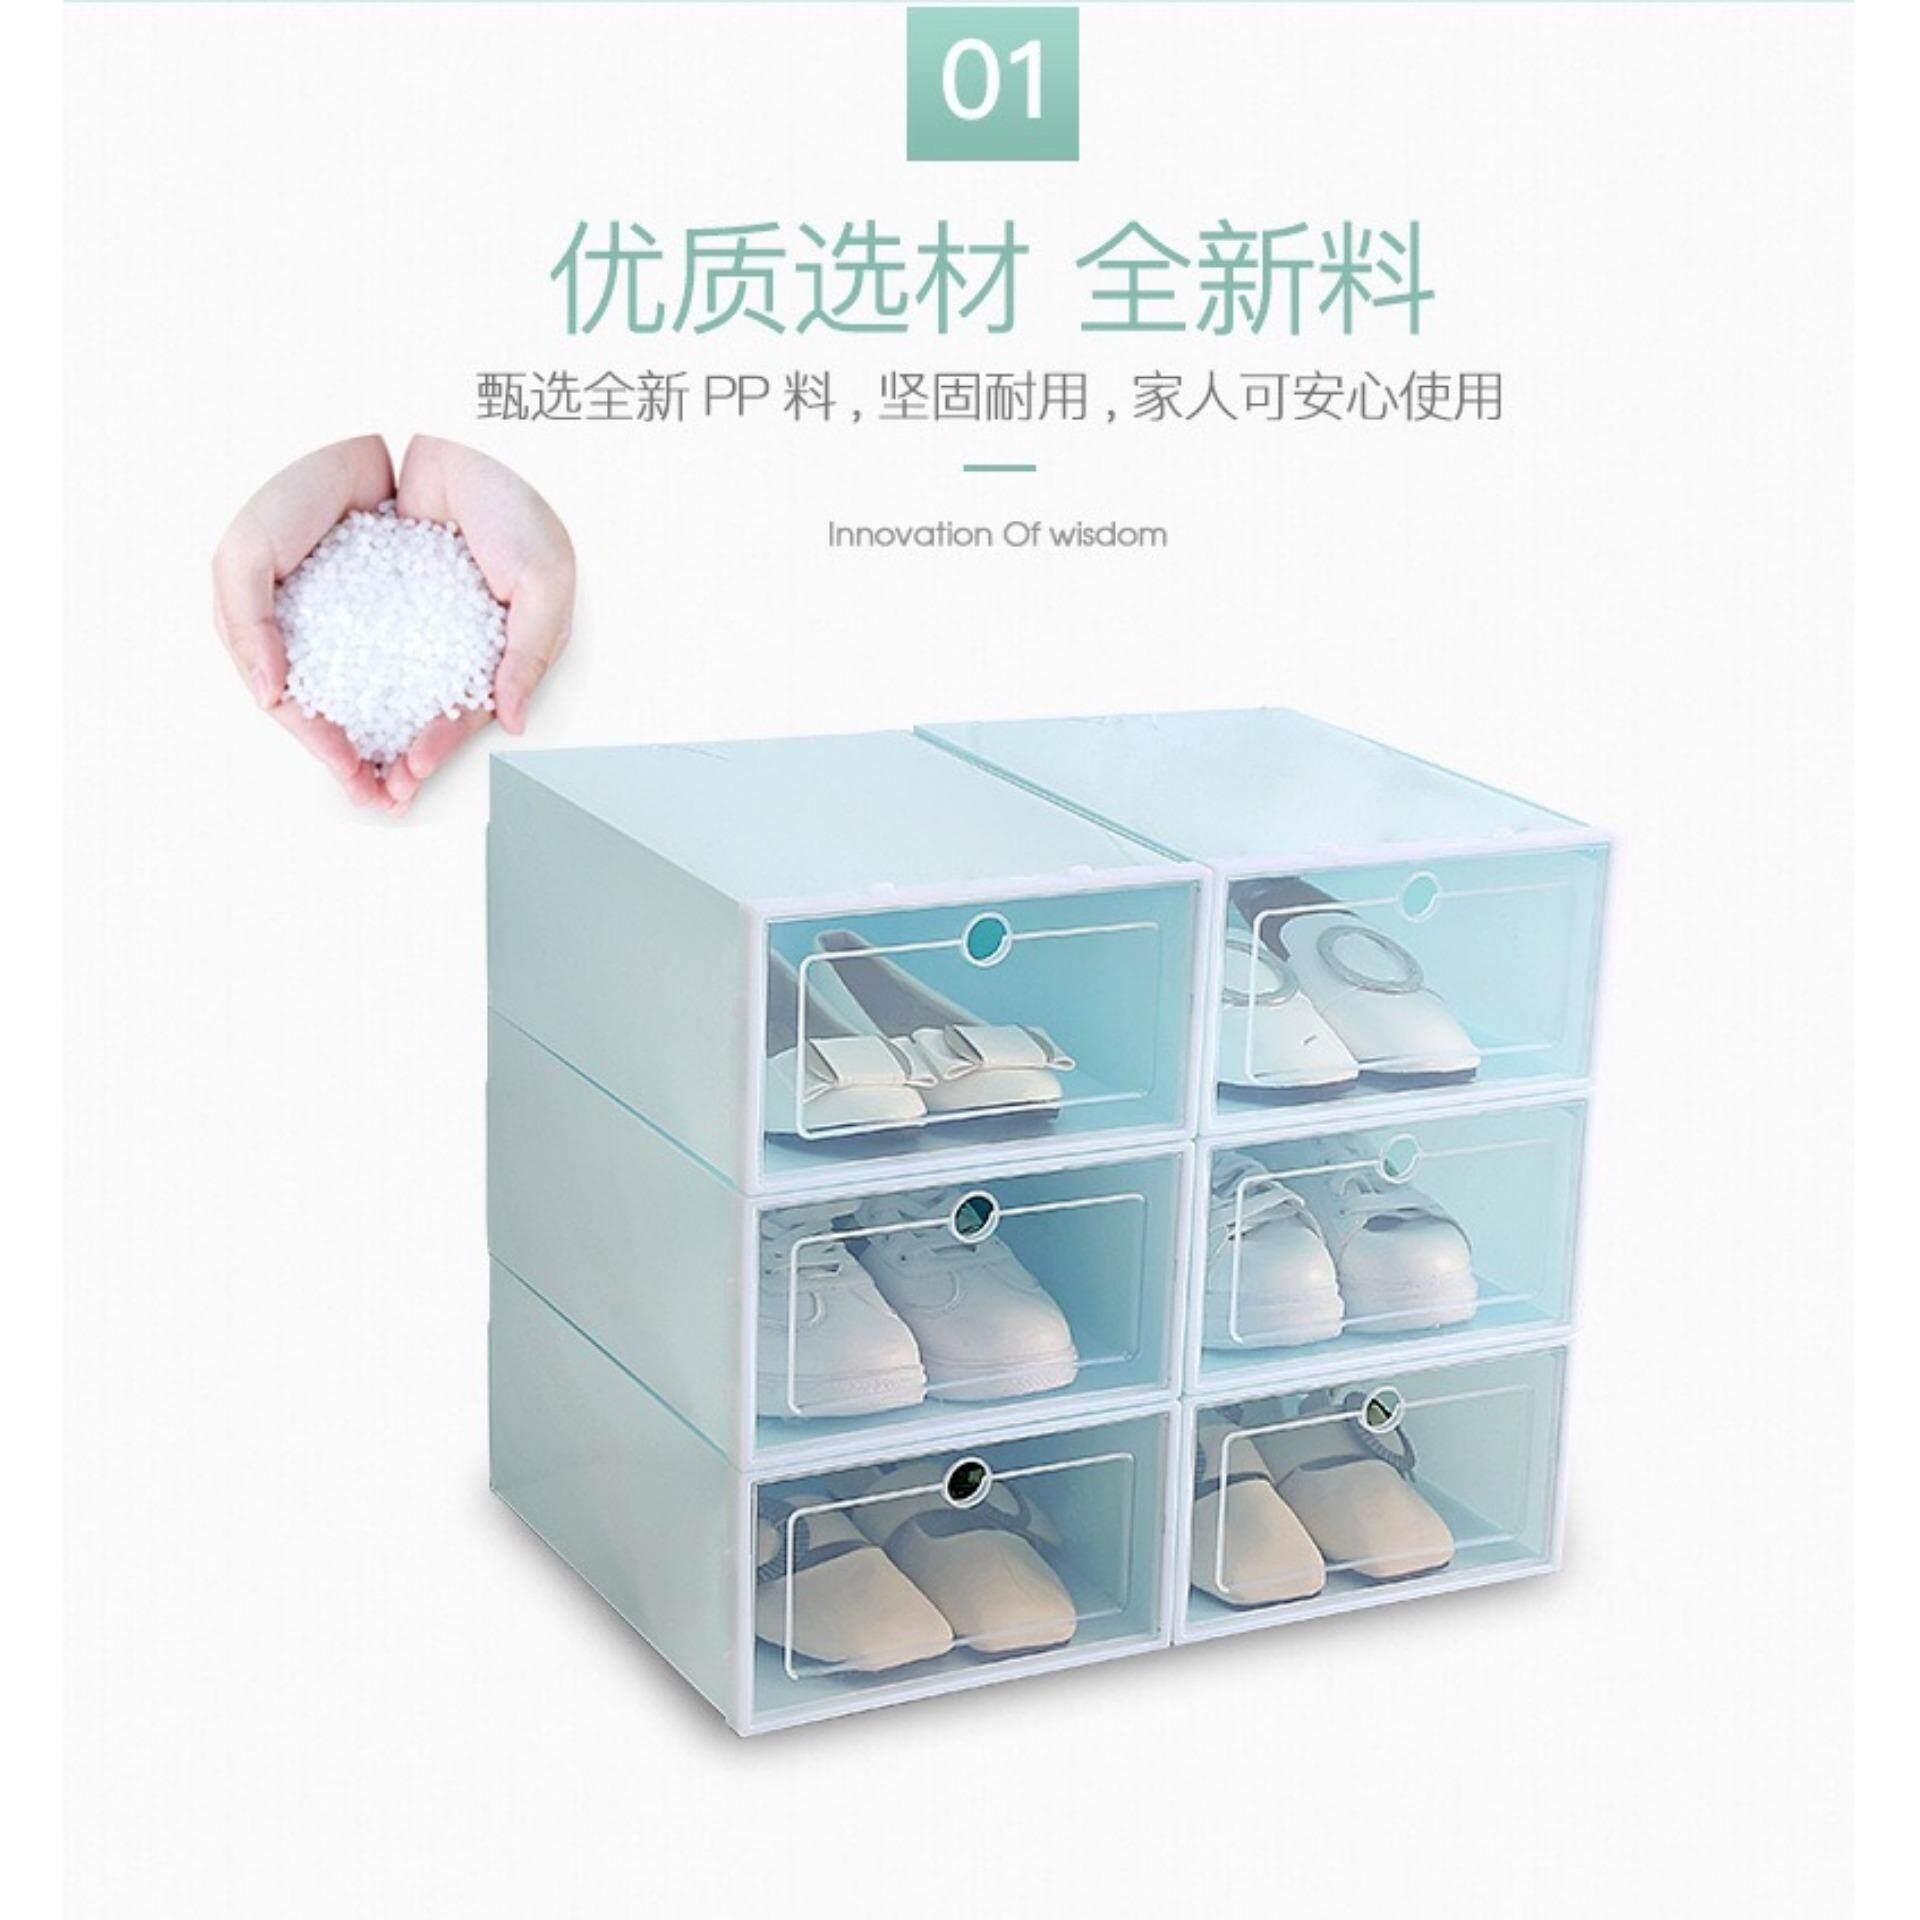 1 pc Transparent Plastic Shoe Box Shoe Storage Container Portable